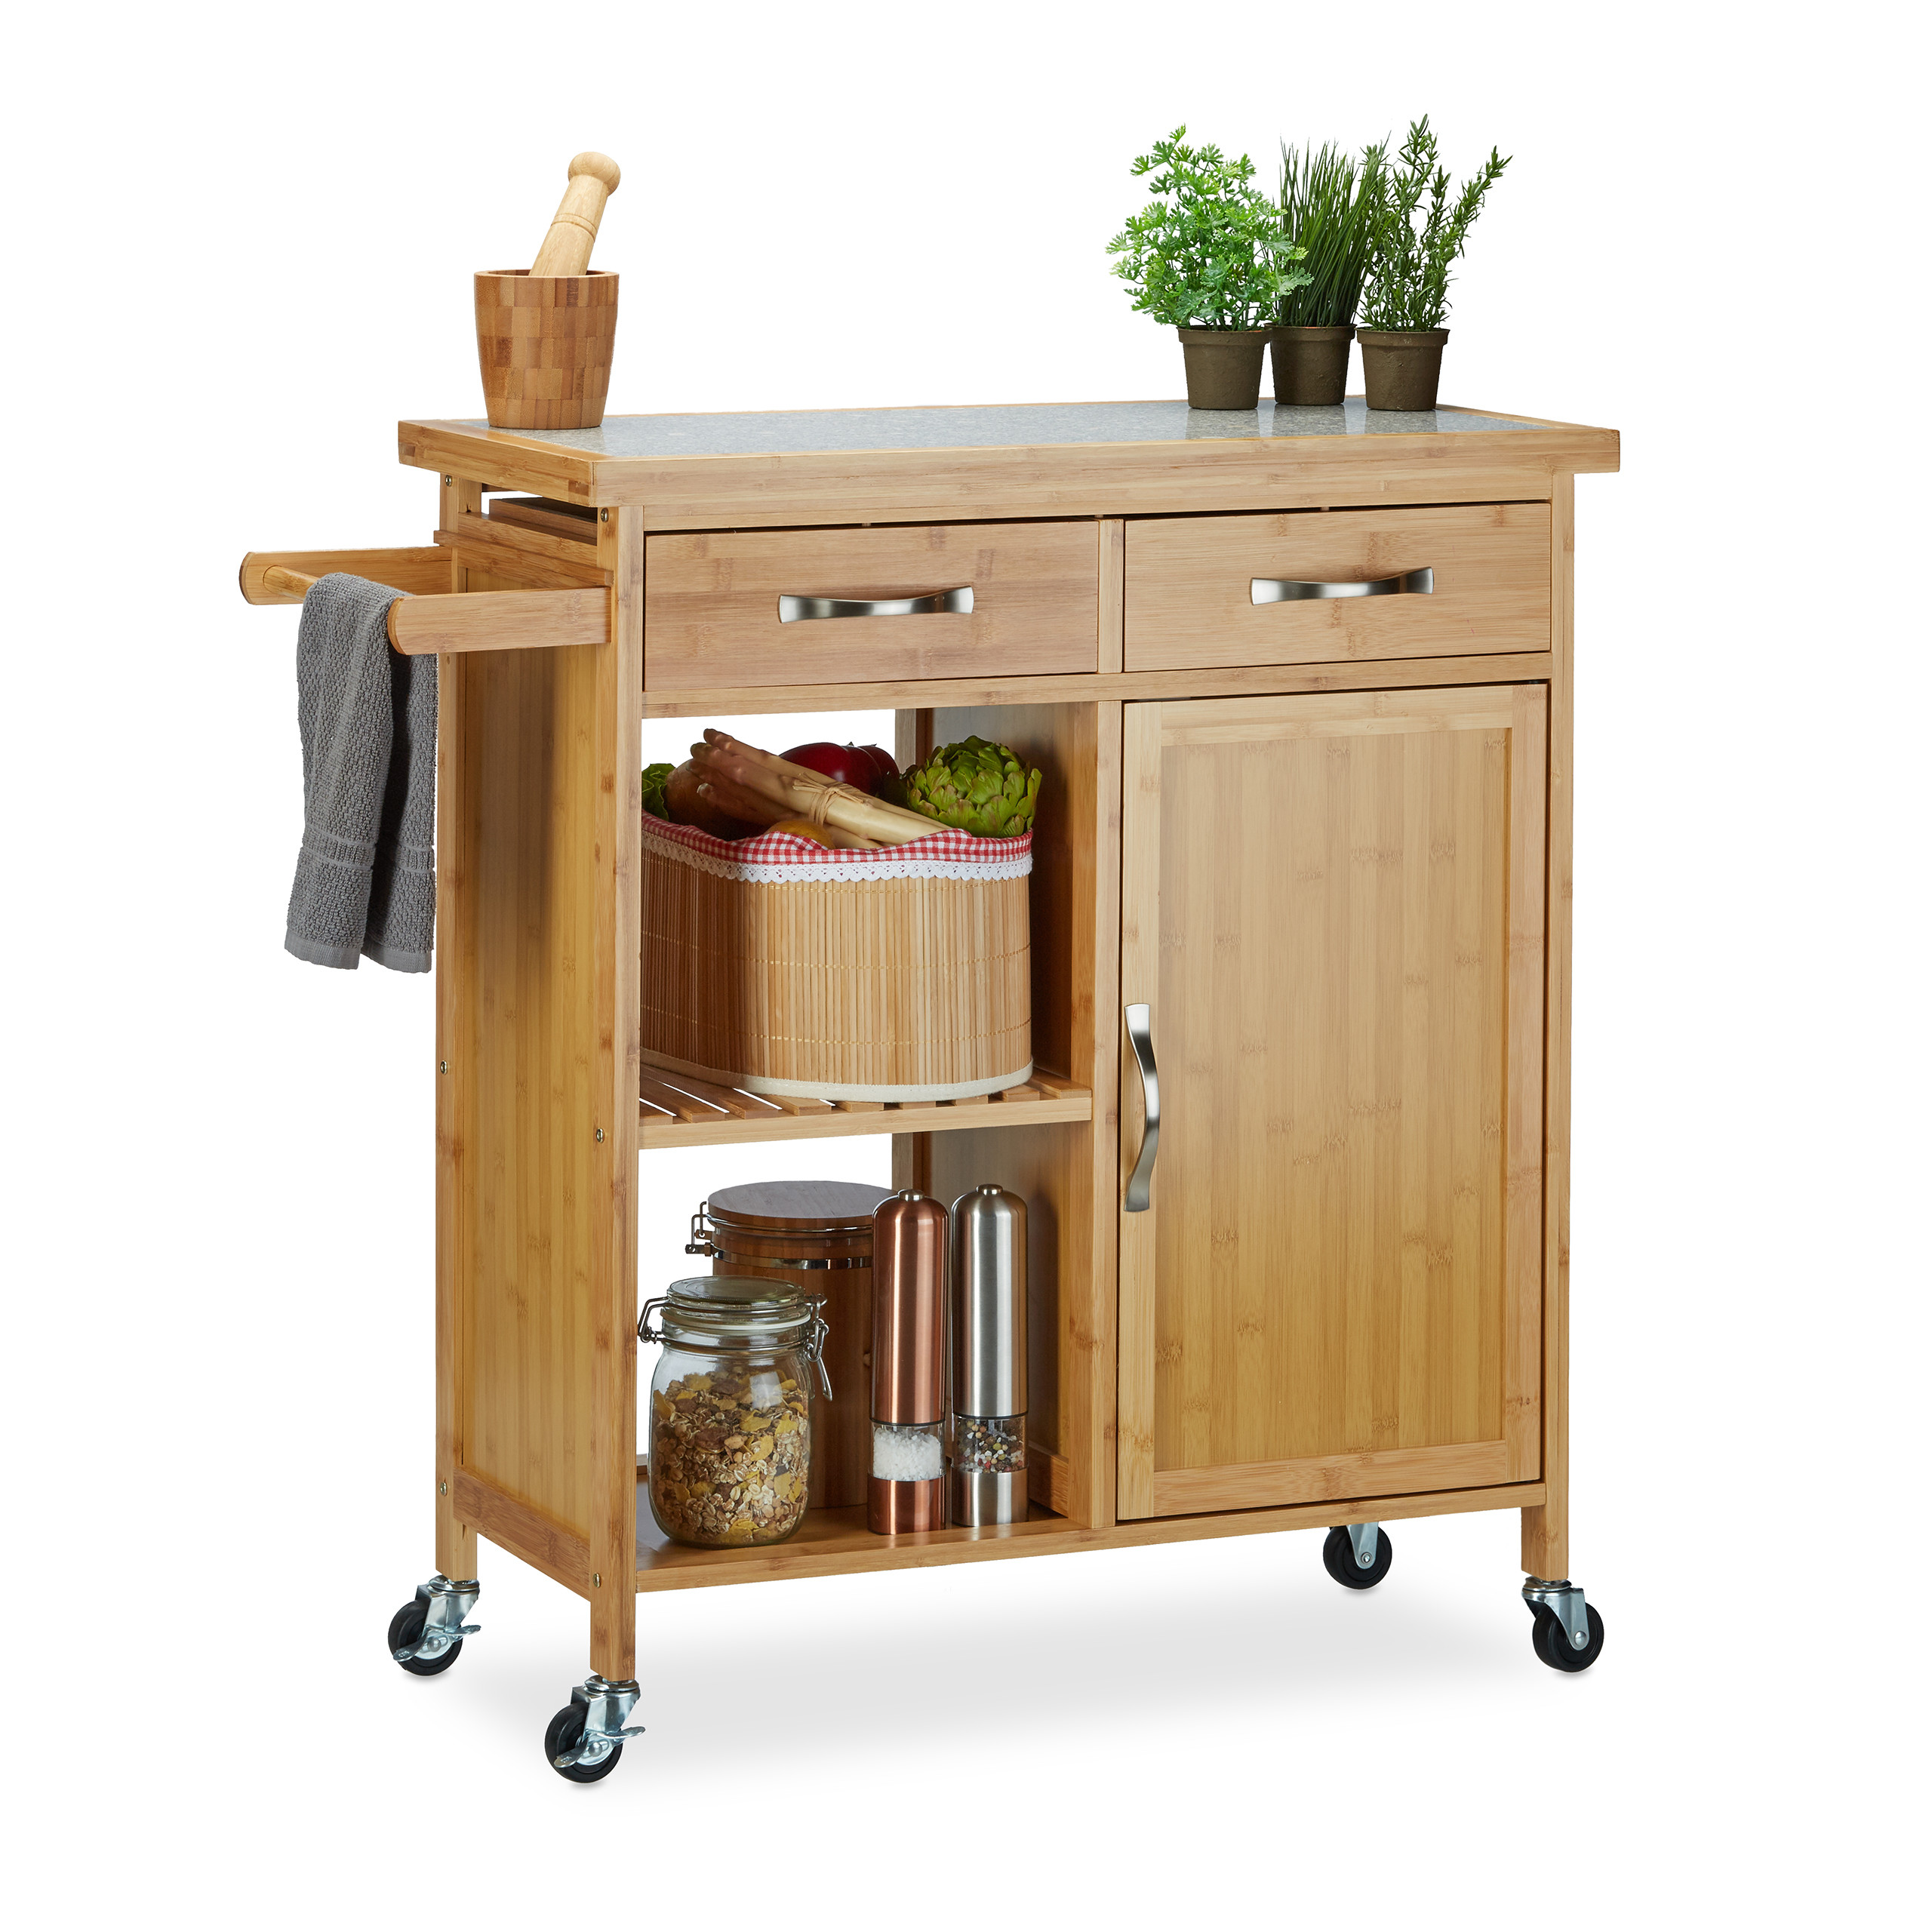 Küchenrollwagen JAMES XXL Servierwagen Küchenwagen Rollwagen Weinablage Bambus